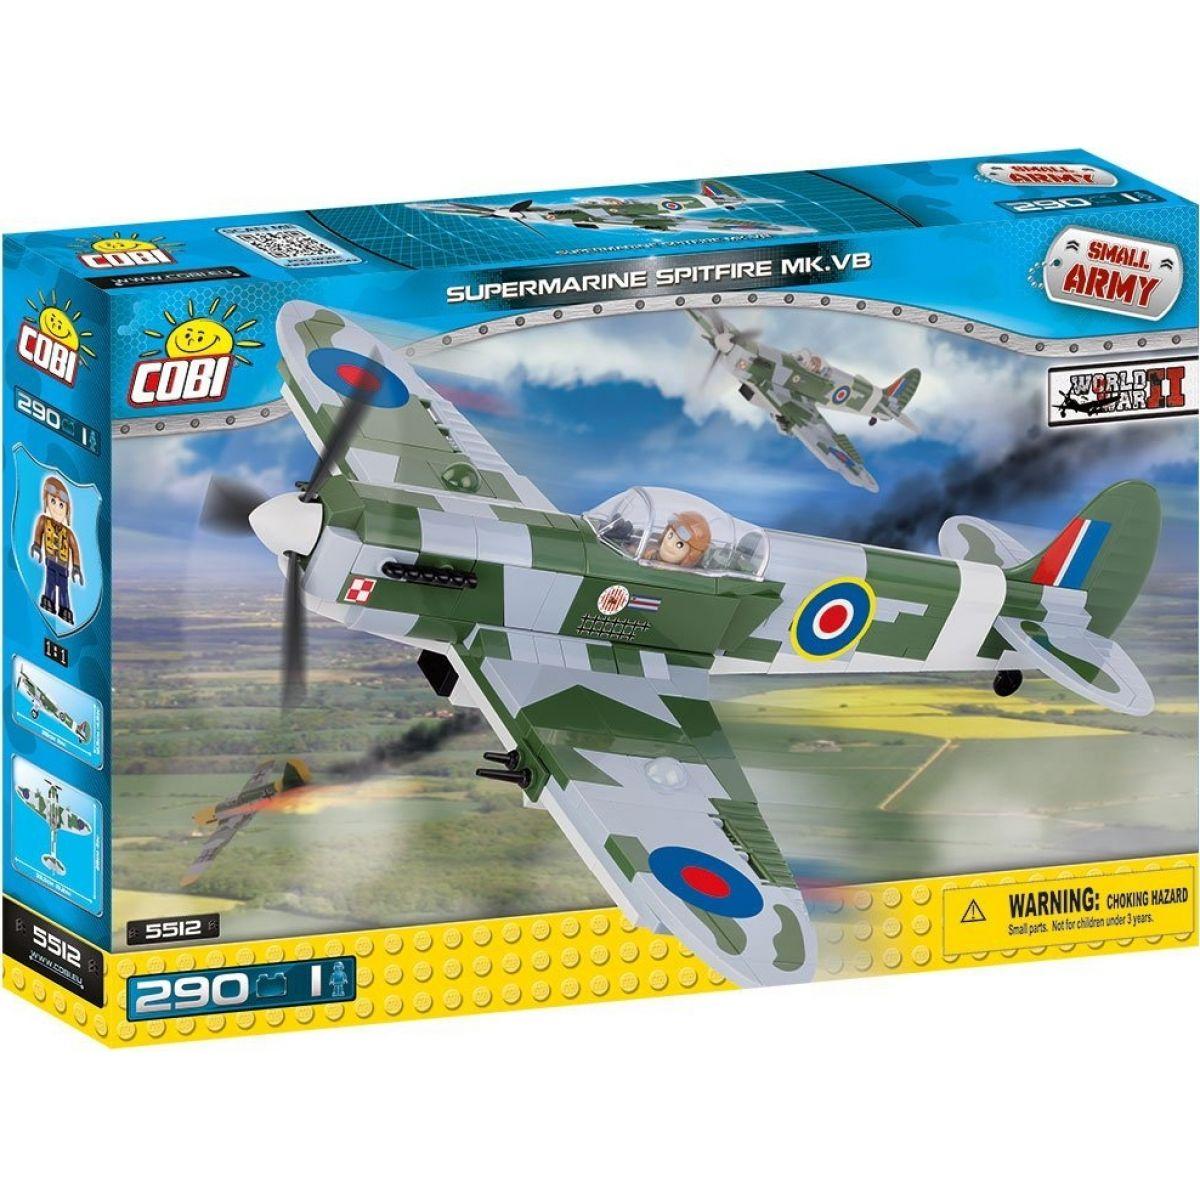 Cobi Malá armáda 5512 Supermarine Spitfire